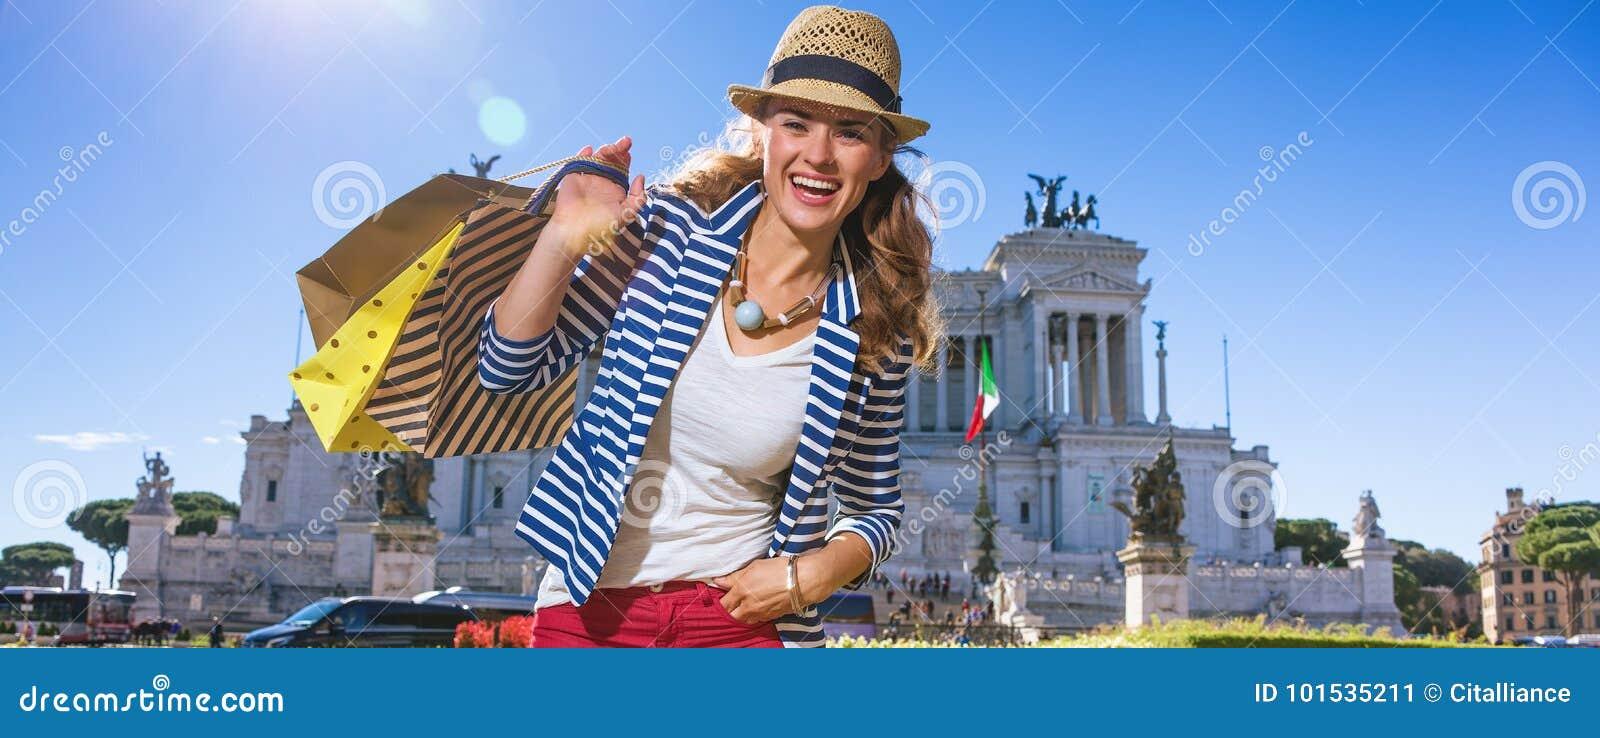 Glücklicher Käufer der jungen Frau am Marktplatz Venezia in Rom, Italien